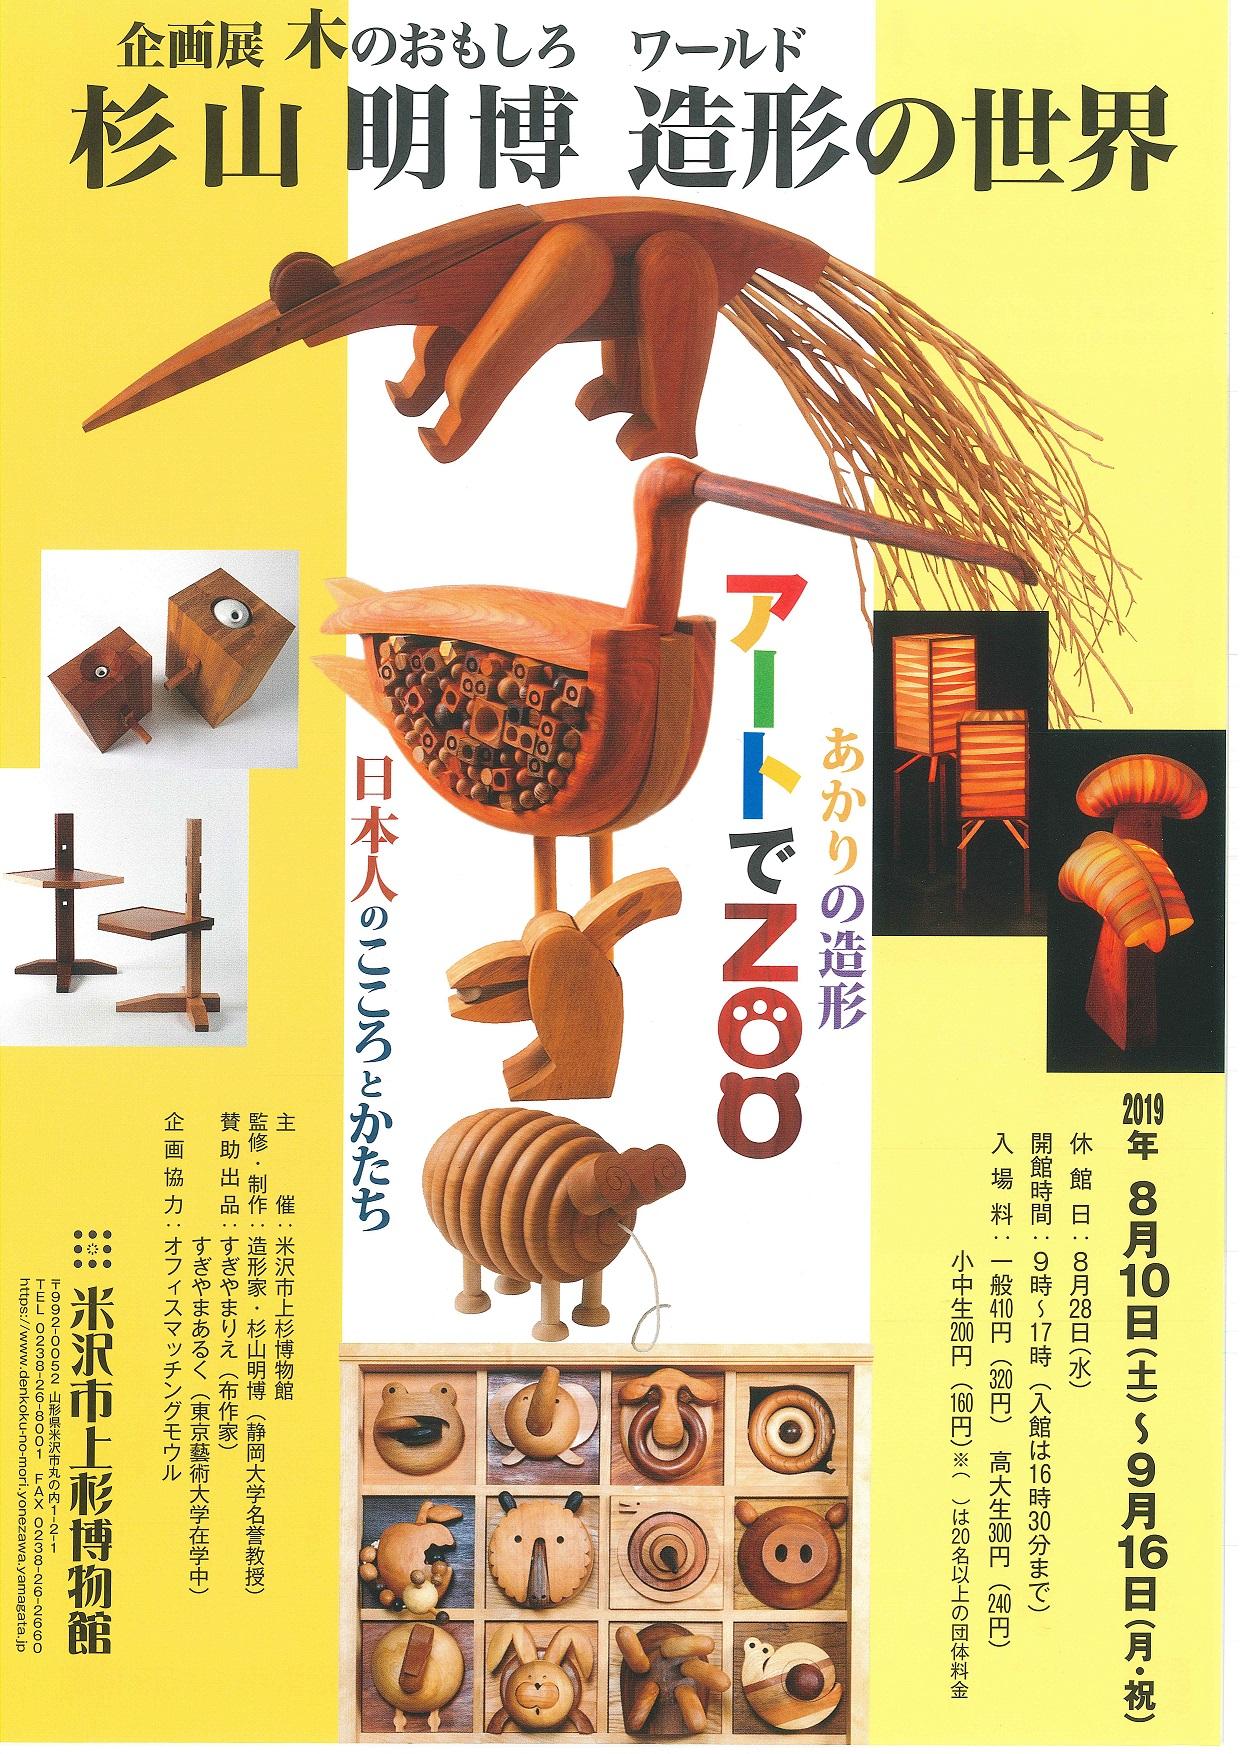 上杉博物館企画展「木のおもしろワールド 杉山明博 造形の世界」:画像